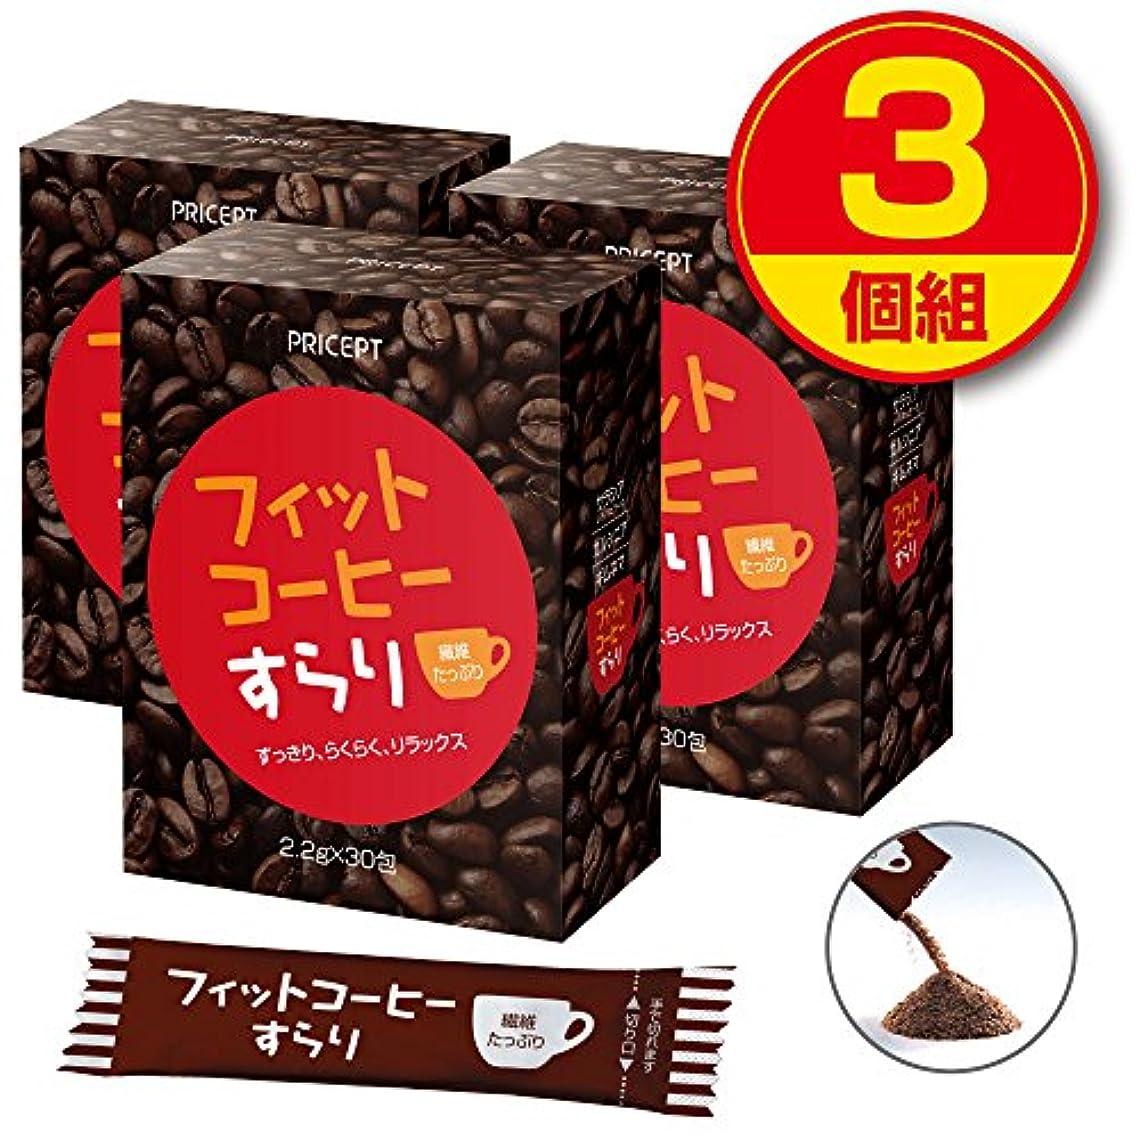 店主フラグラントくぼみプリセプト フィットコーヒーすらり 30包【3個組(90包)】(ダイエットサポートコーヒー)